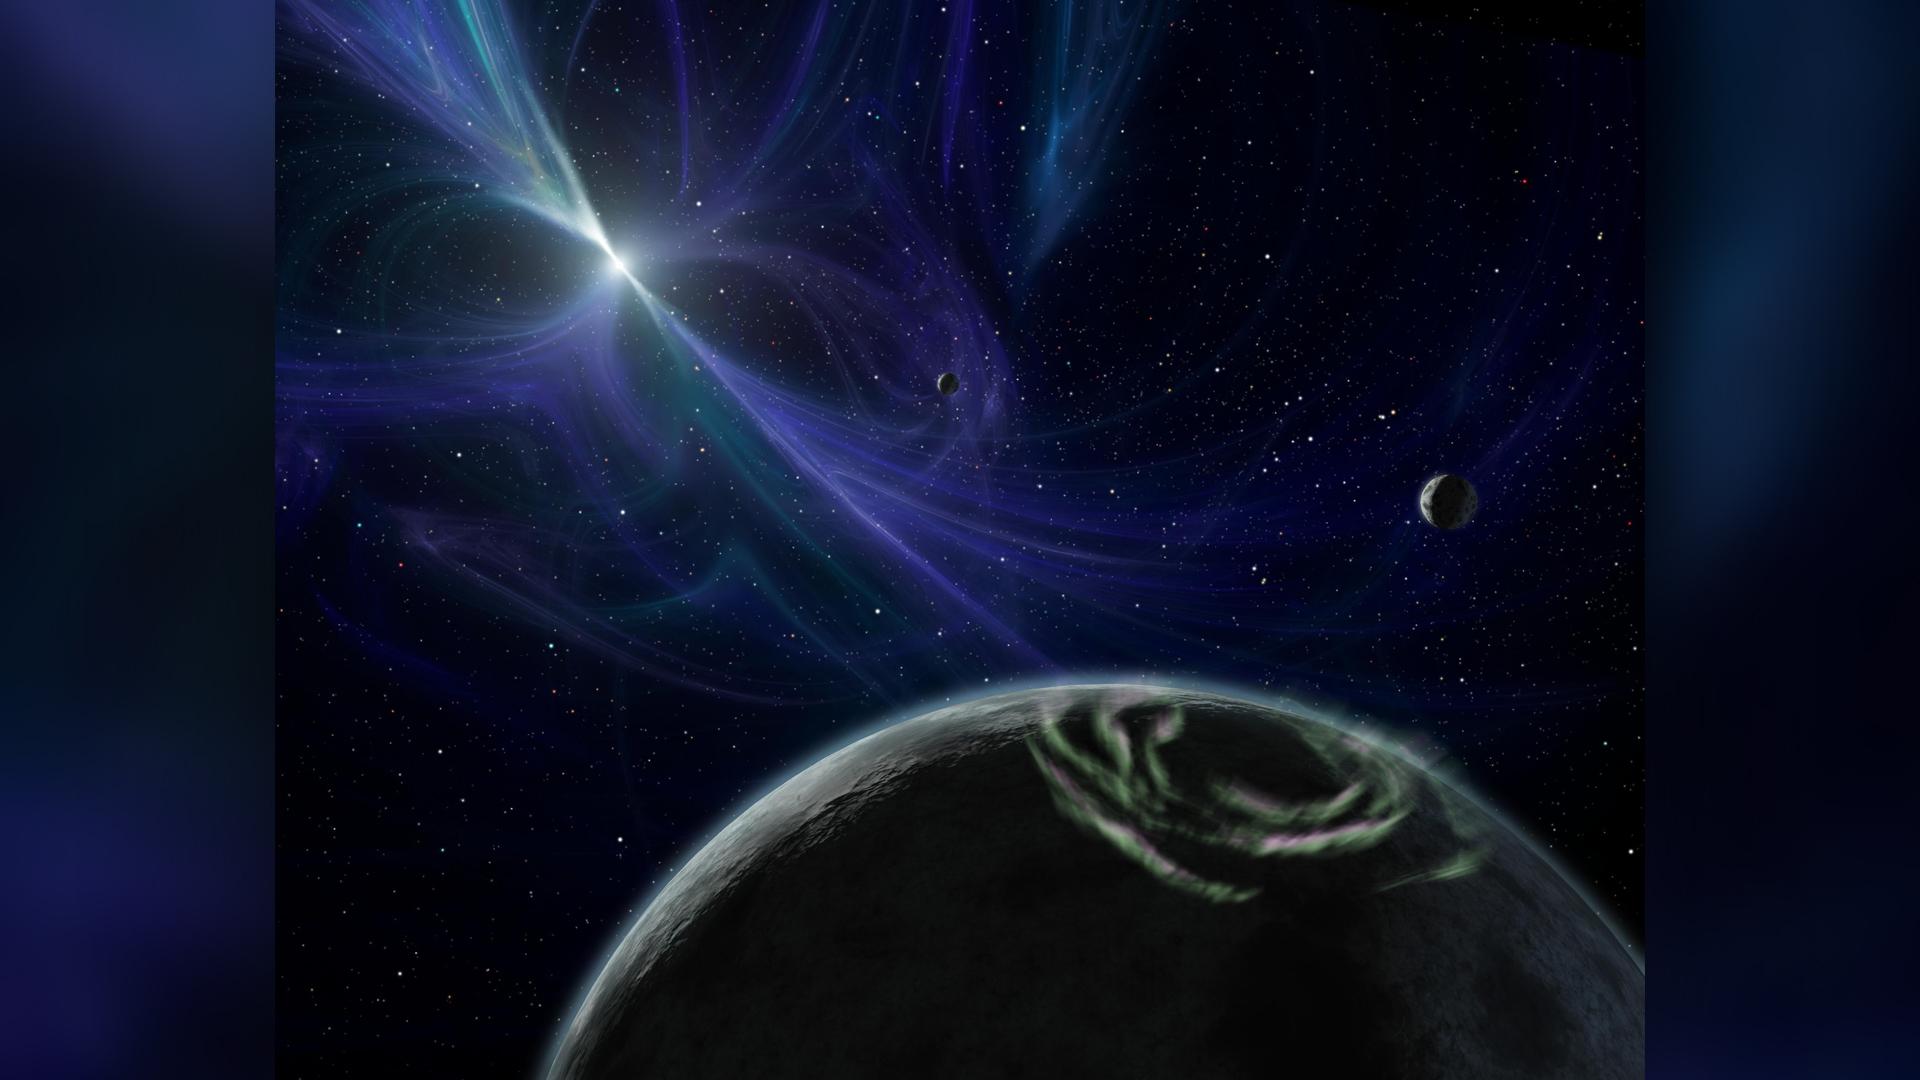 Arecibo a repéré les premières exoplanètes confirmées autour du pulsar PSR 1257 + 12, lors d'une étude du ciel en 1992.